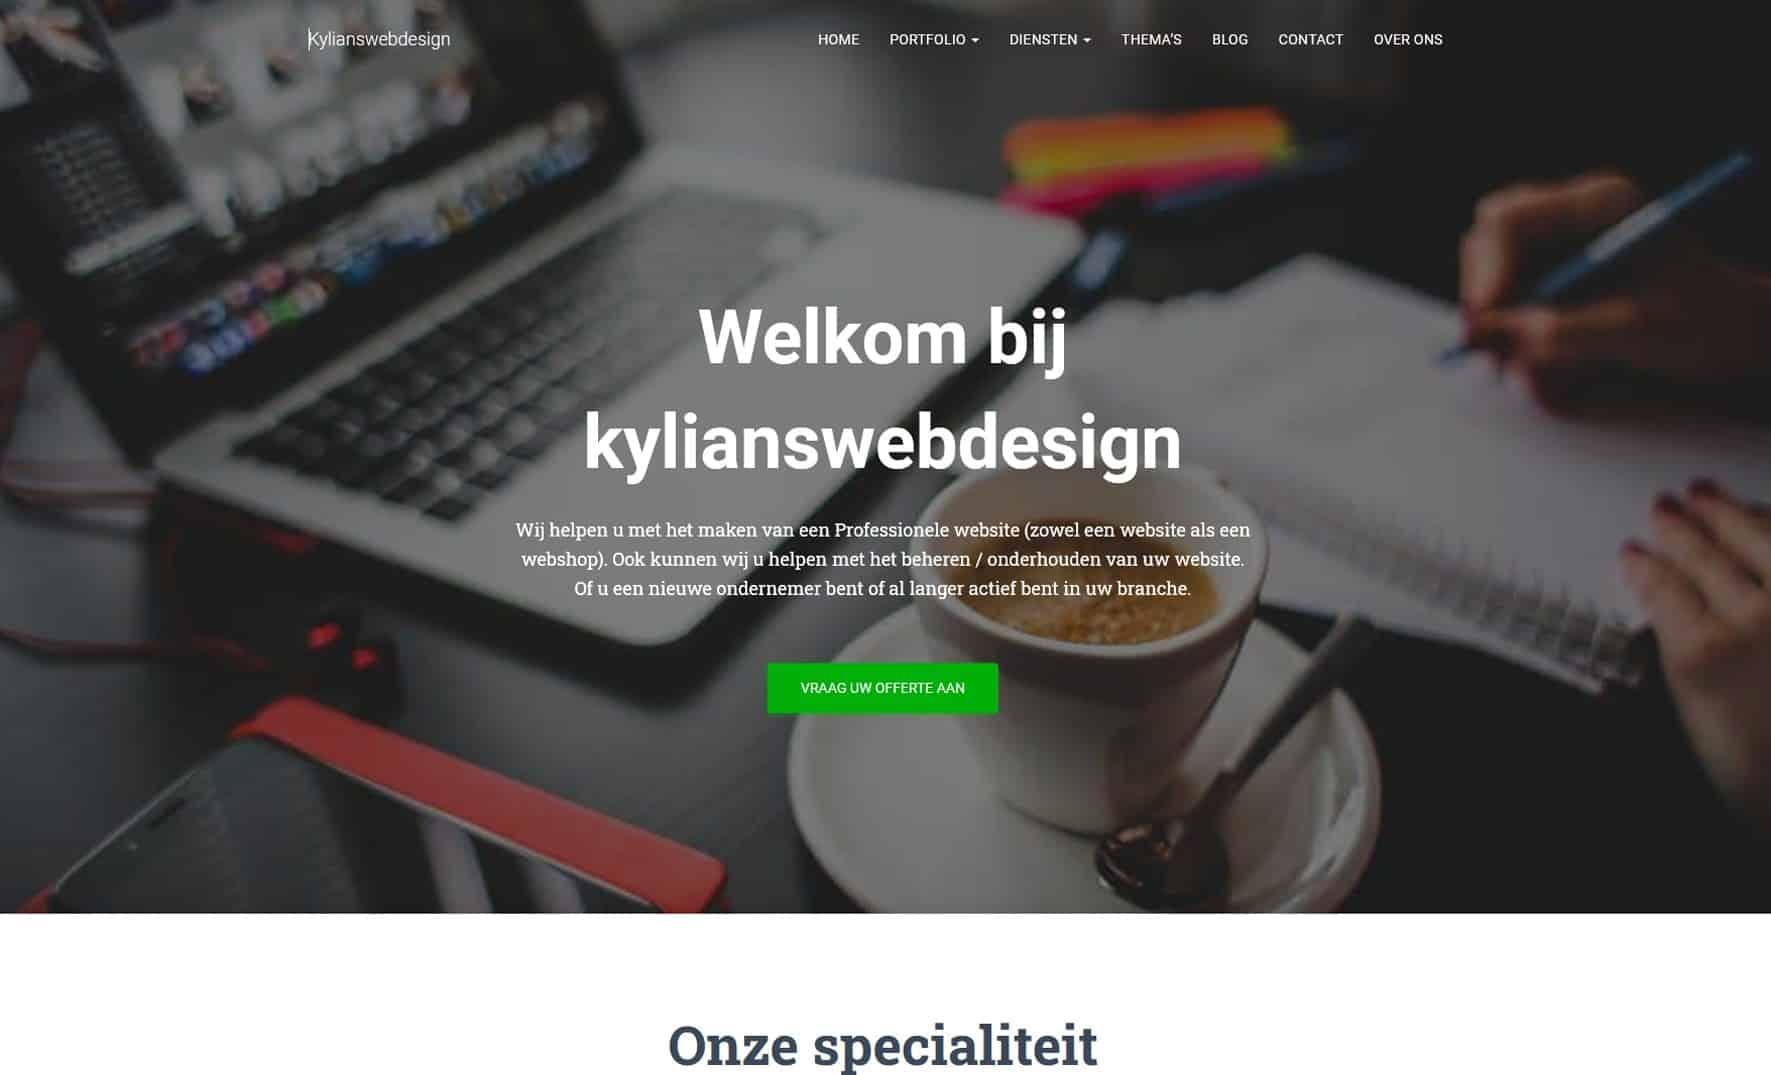 kylianswebdesign is uw designer voor uw website of webshop